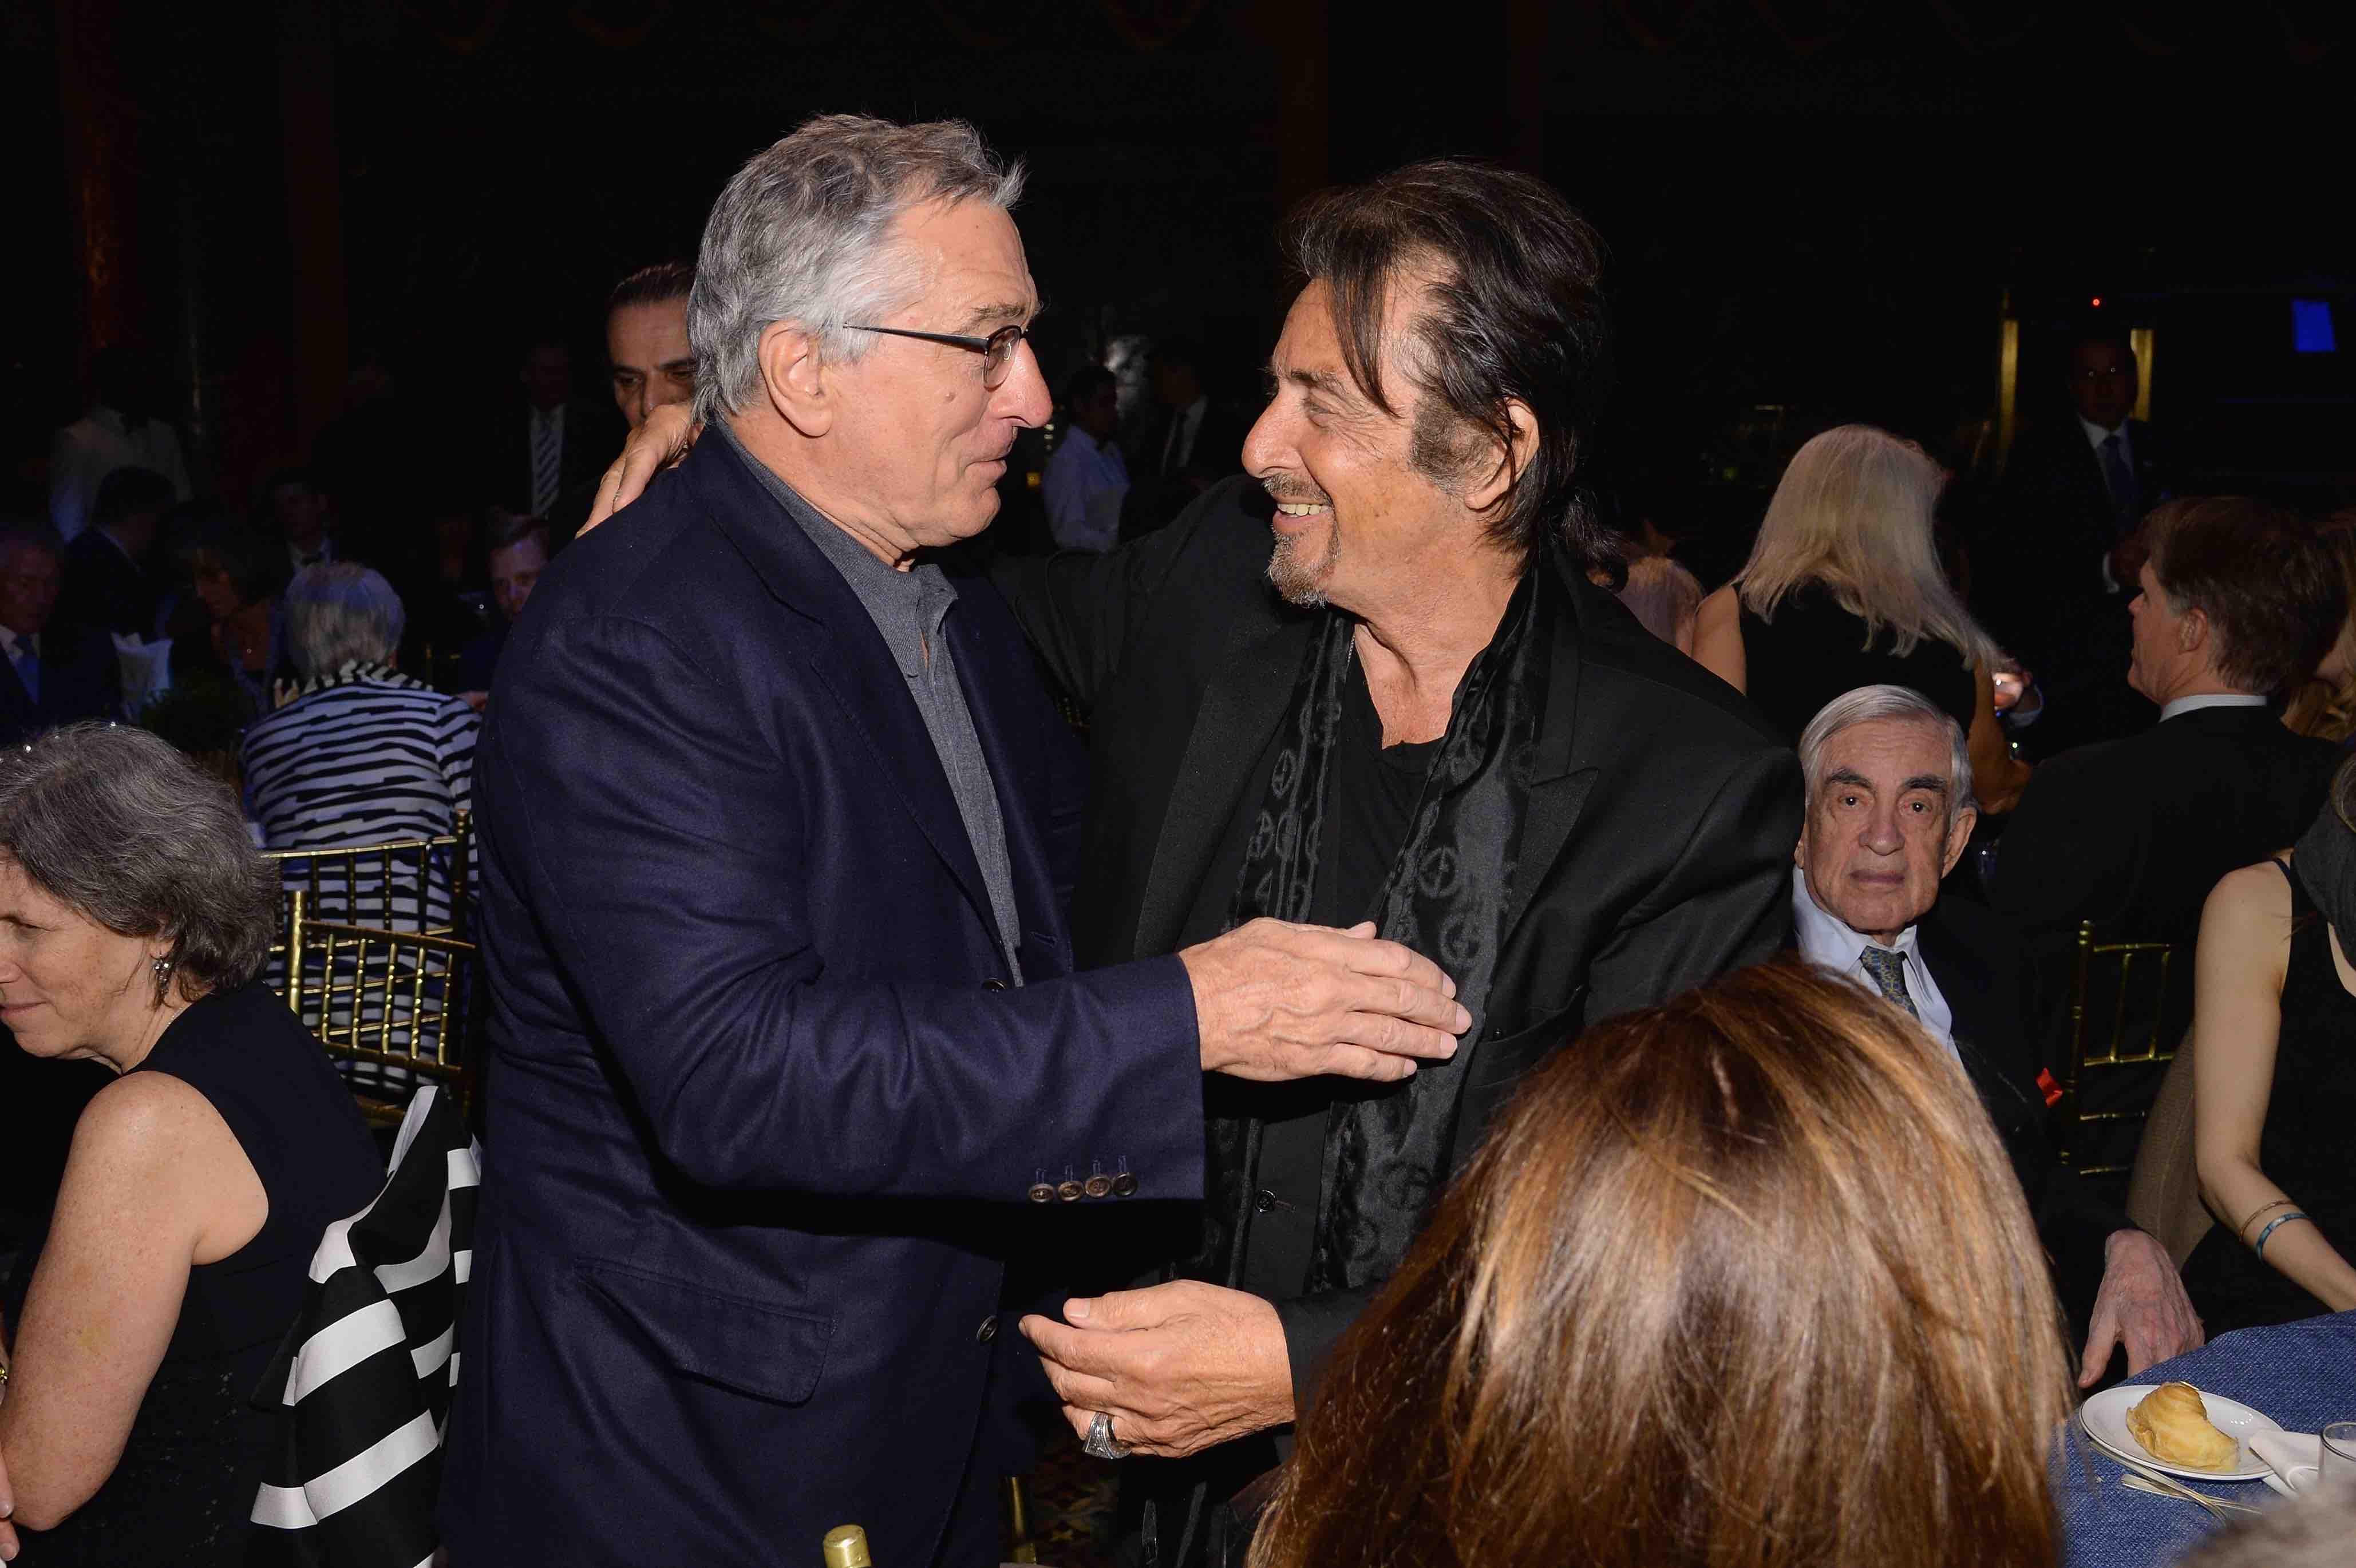 Der Pate Familientreffen Mit De Niro Pacino Und Coppola